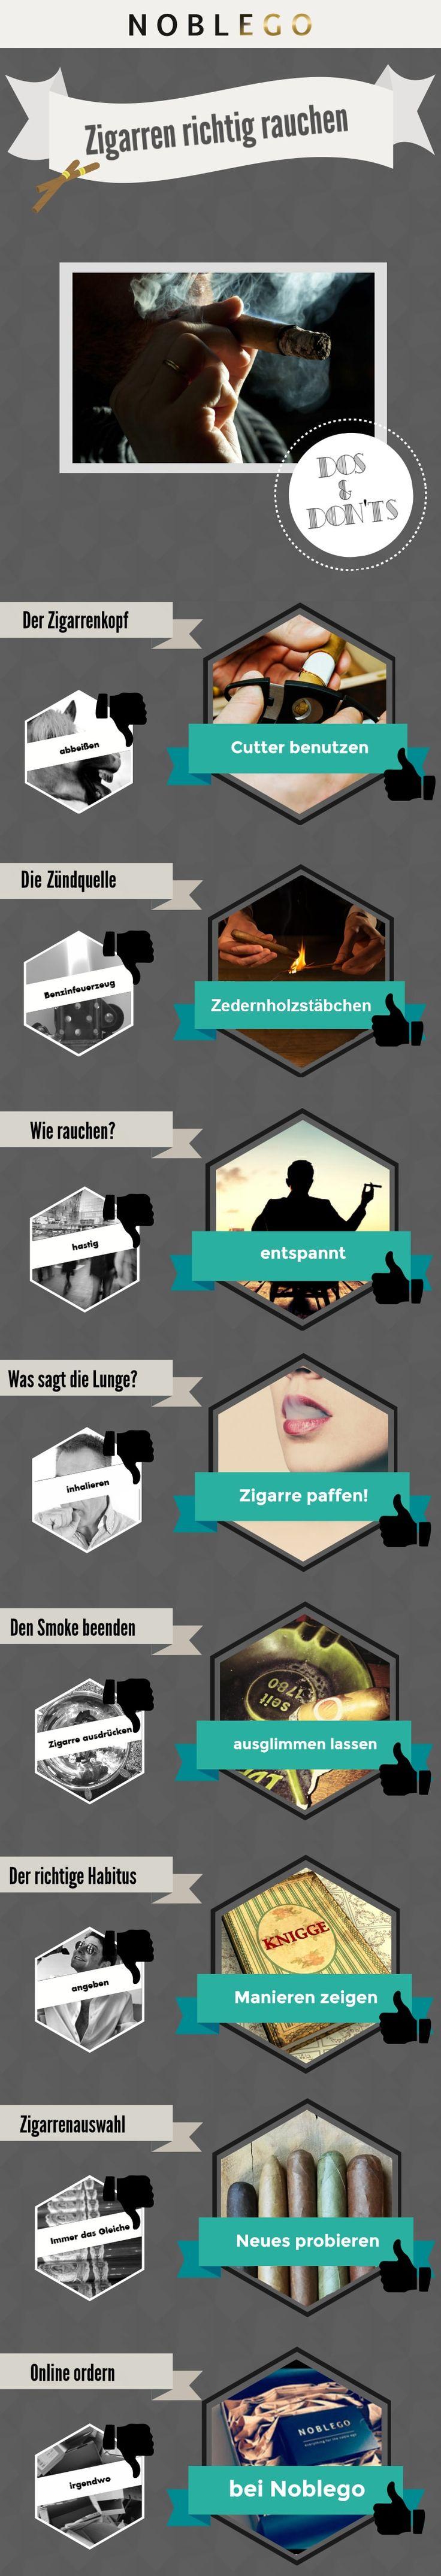 Zigarren richtig rauchen von Noblego @noblego #infografik #zigarren #tipps #rauchenlernen